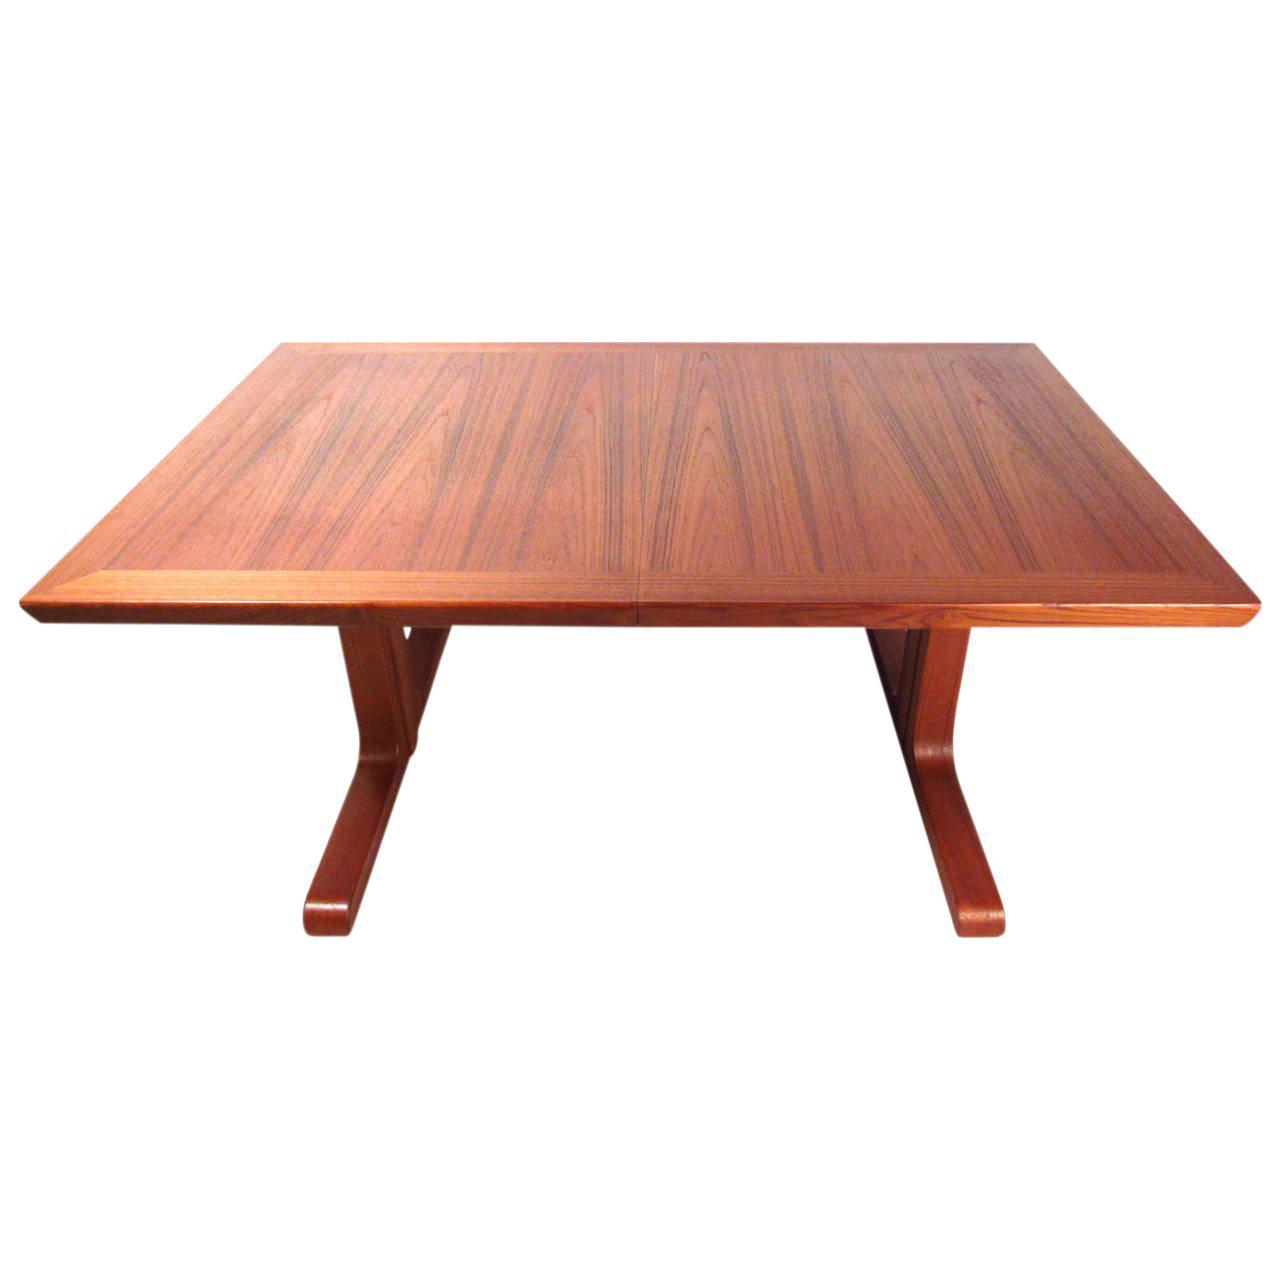 Mid Century Modern Danish Teak Dining Table & Leaves